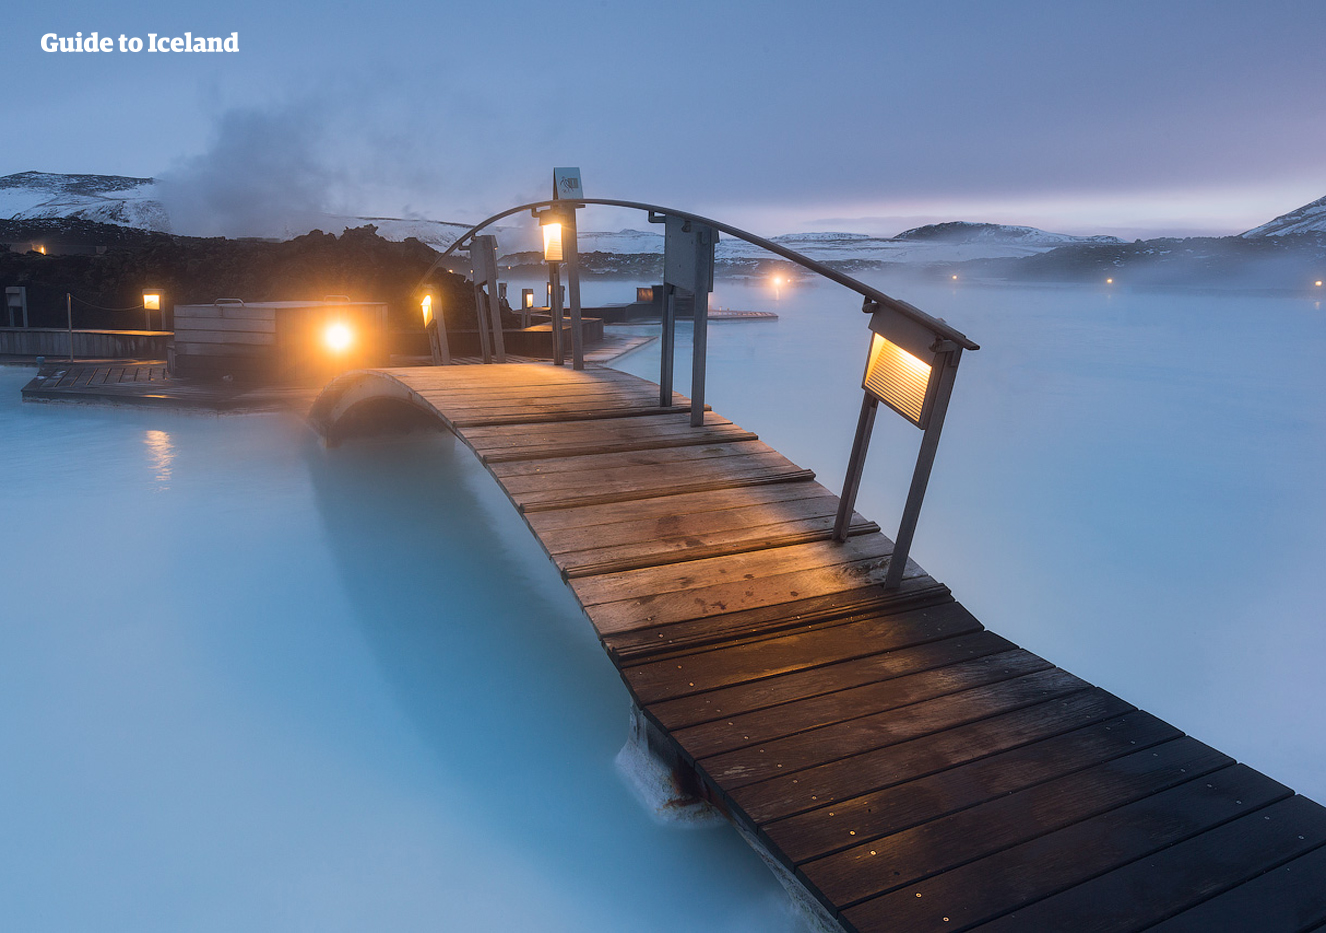 Företaget Blå lagunen grundades 1992, året då dörrarna öppnades officiellt.